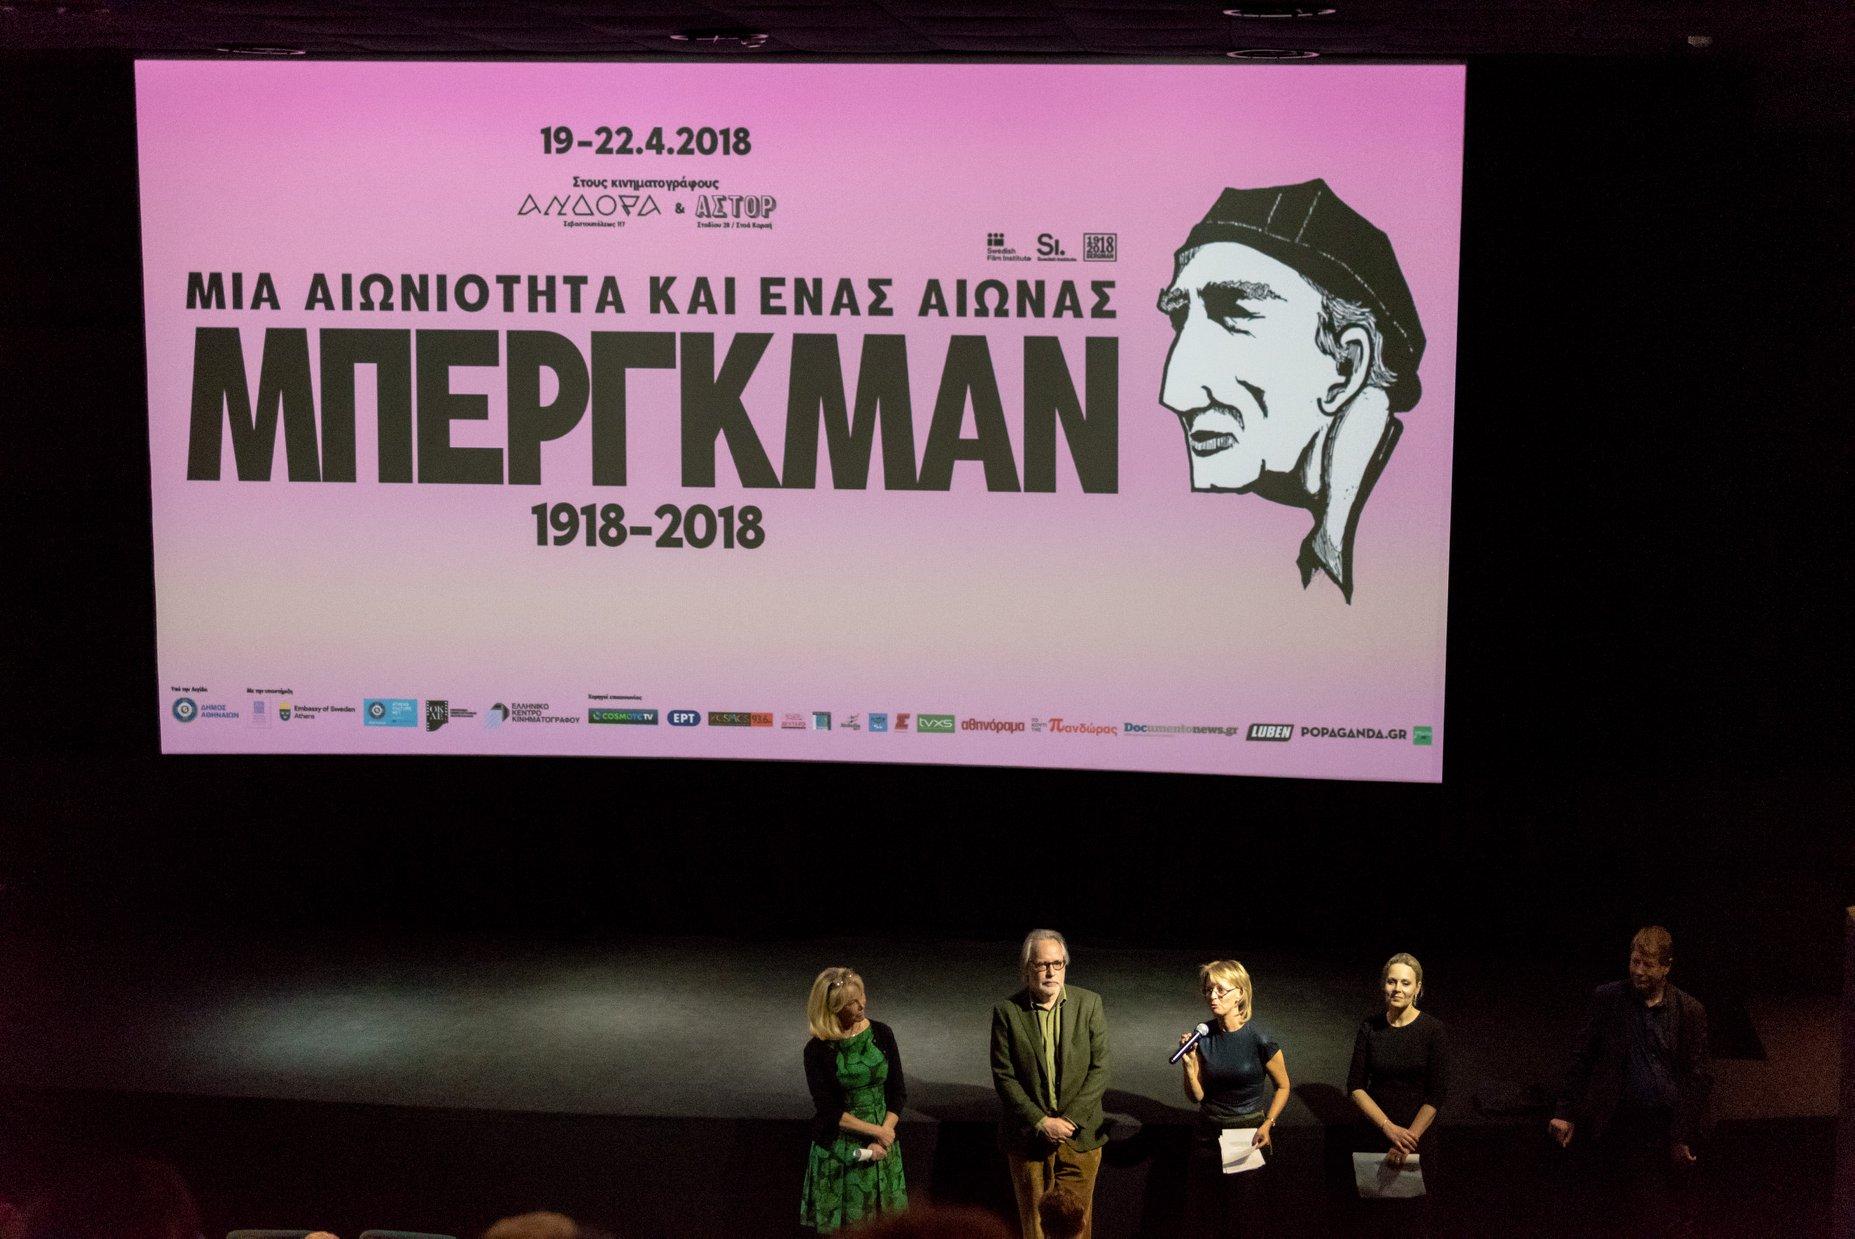 Ο αιώνας του Ίνγκμαρ Μπέργκμαν γιορτάζεται ήδη στο κέντρο της Αθήνας